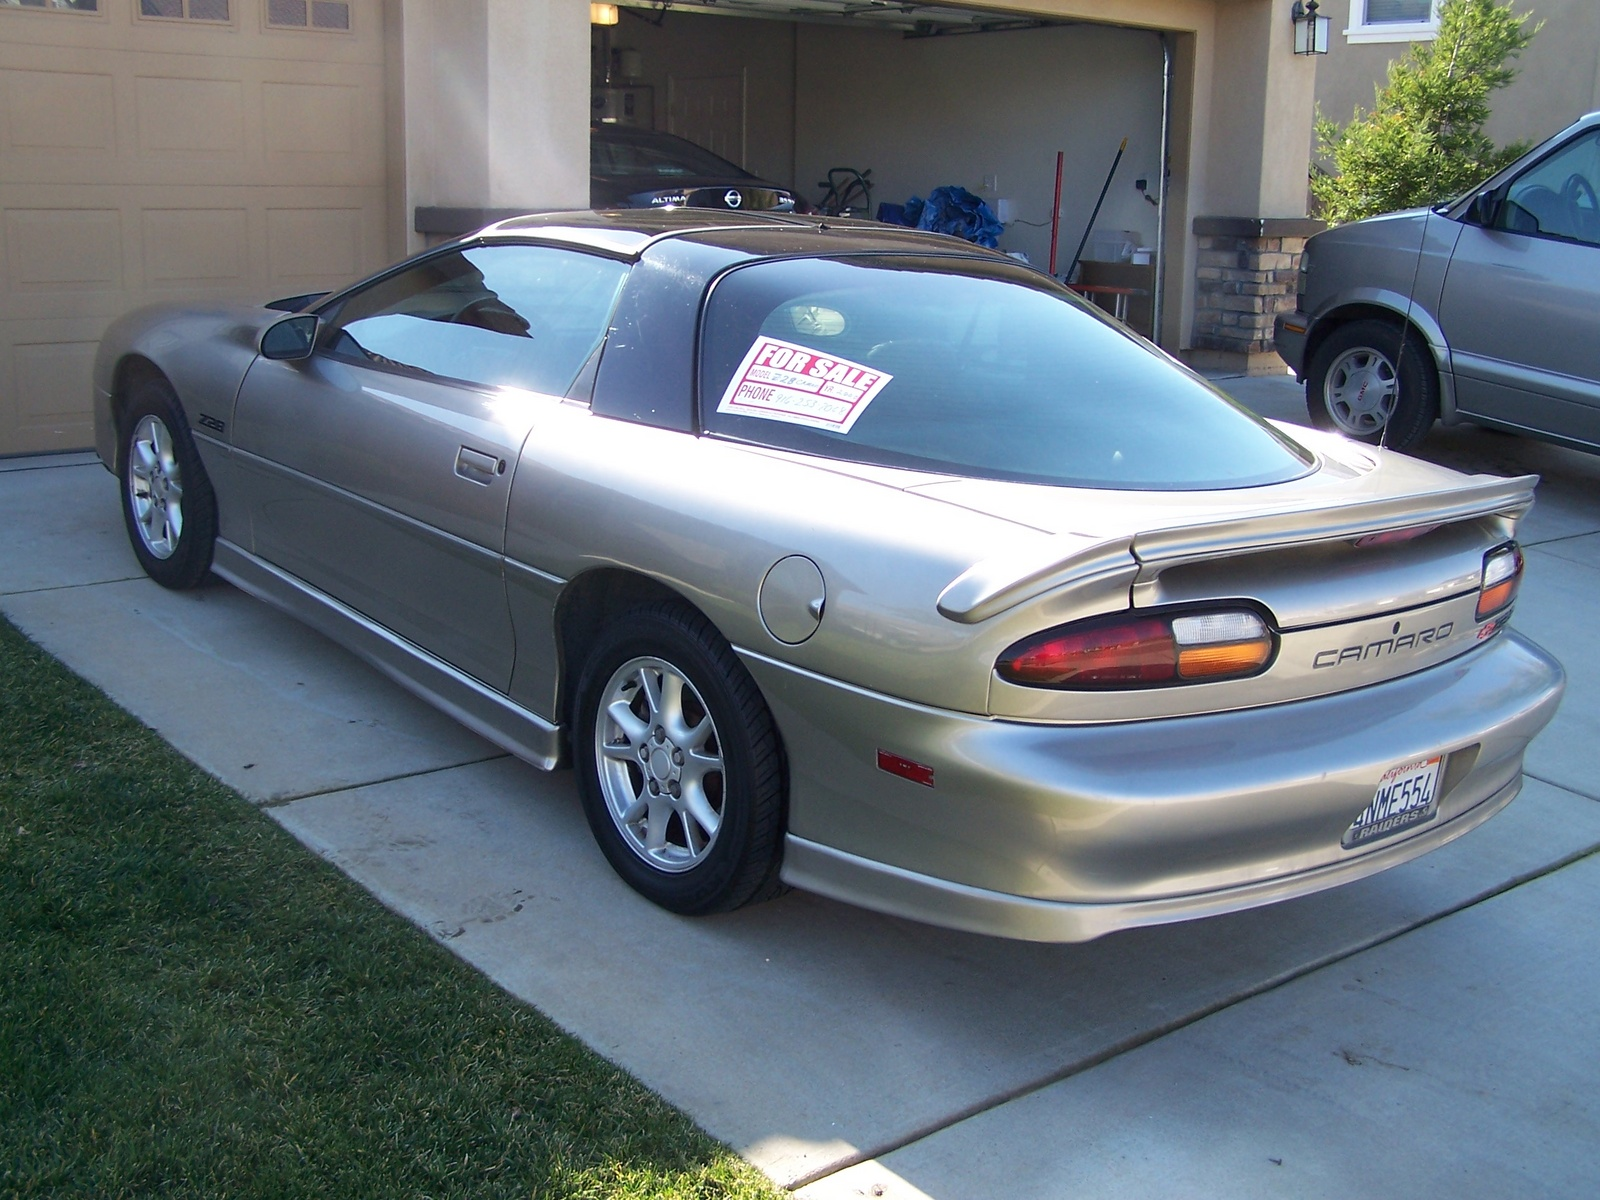 2000 Chevrolet Camaro Pictures Cargurus